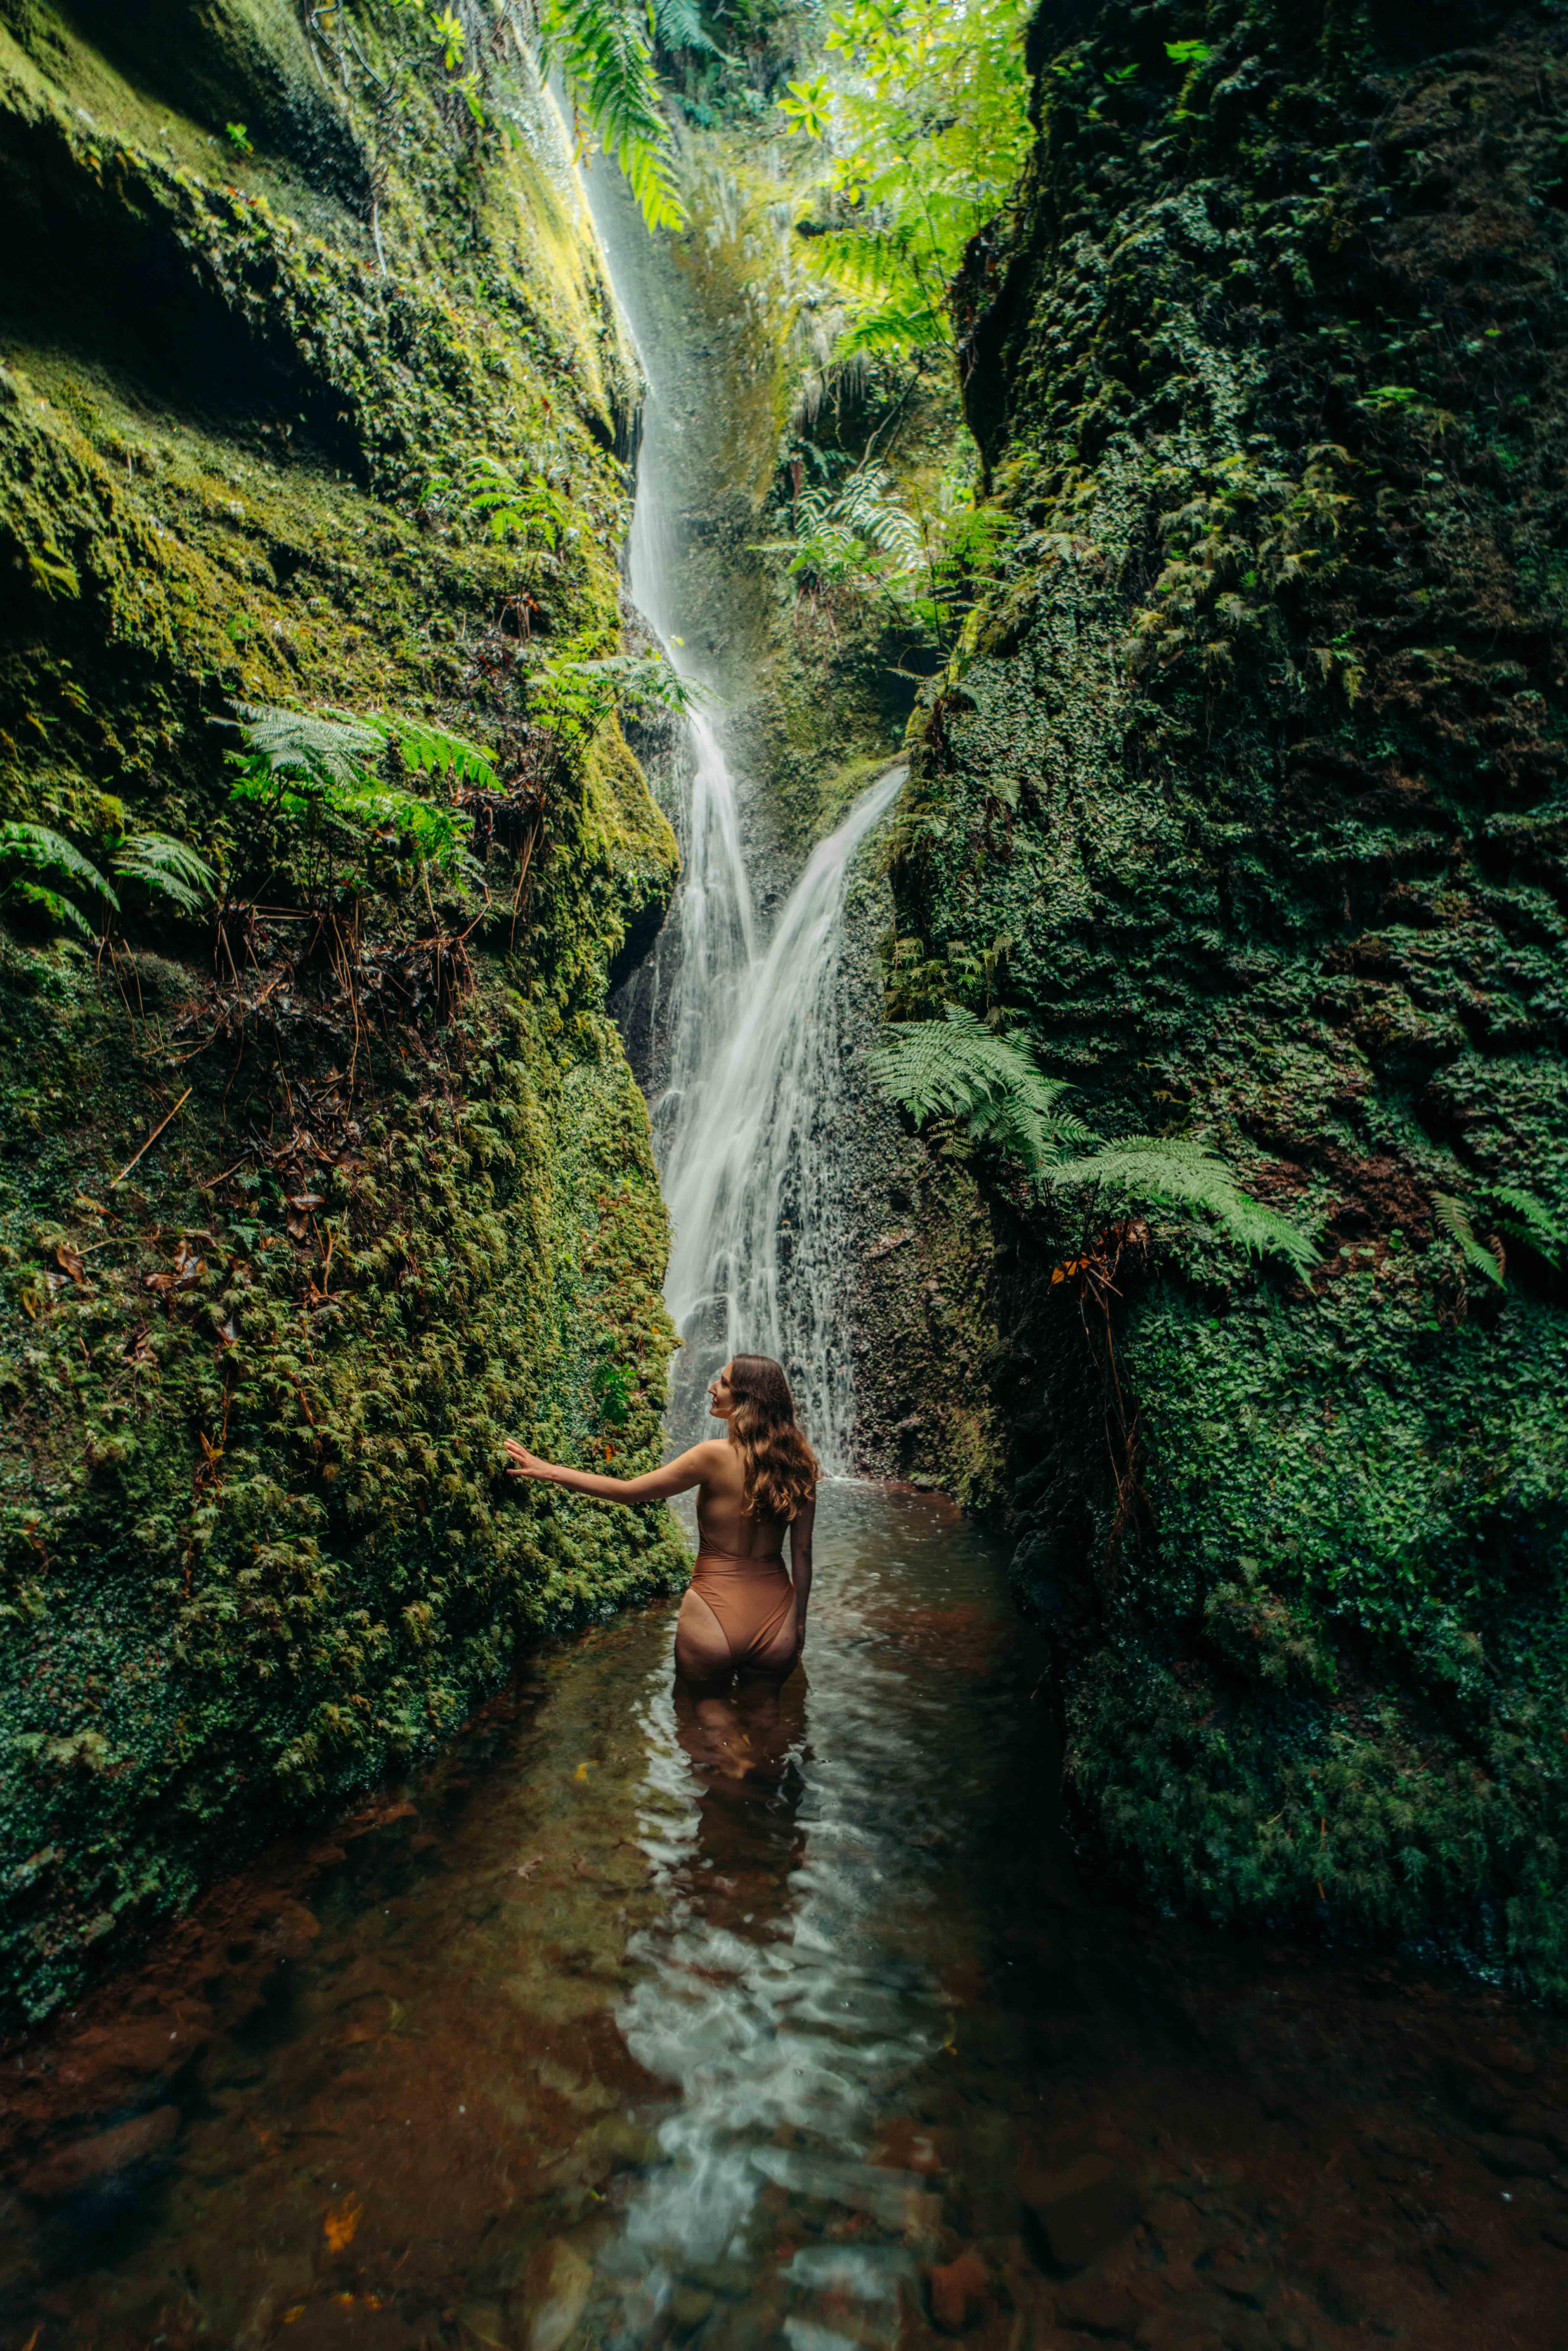 ukryty wodospad na Maderze atrakcje na Maderze Madera water's kiss